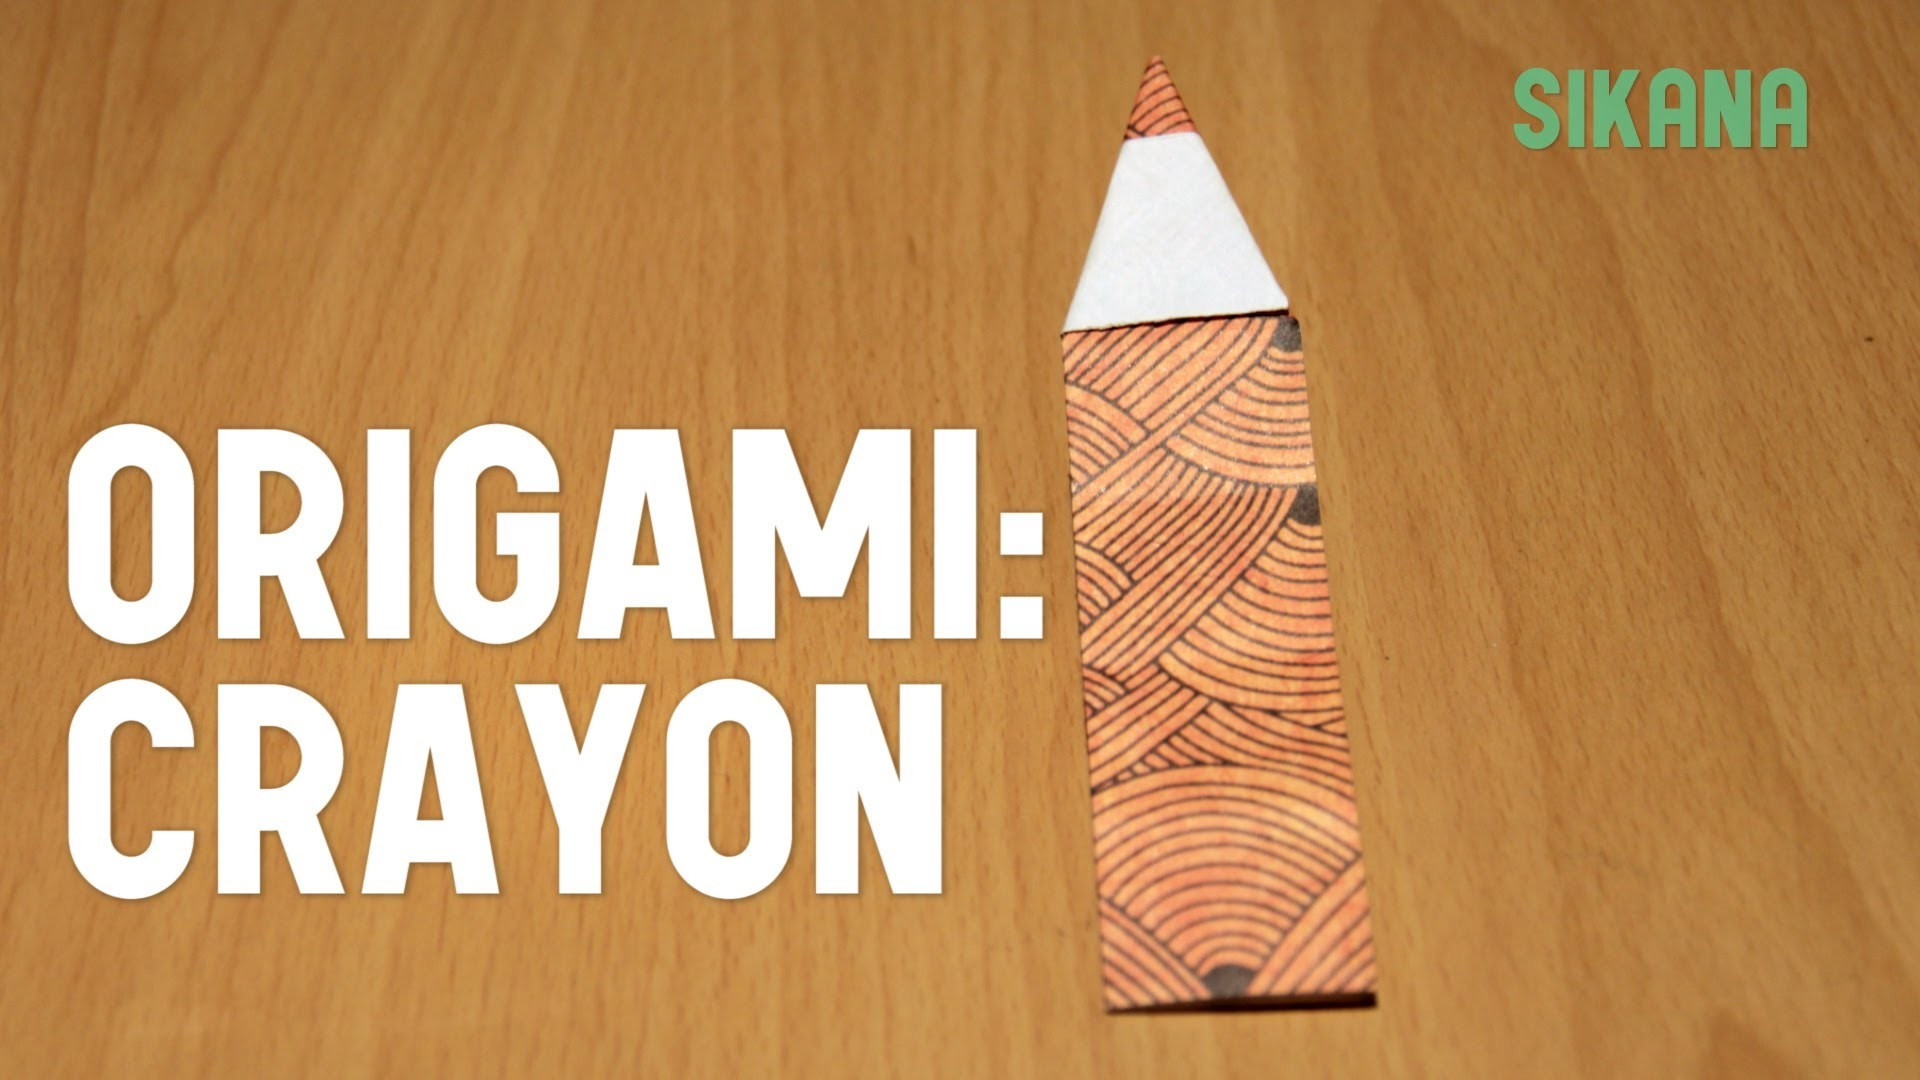 Origami : Crayon en papier - HD